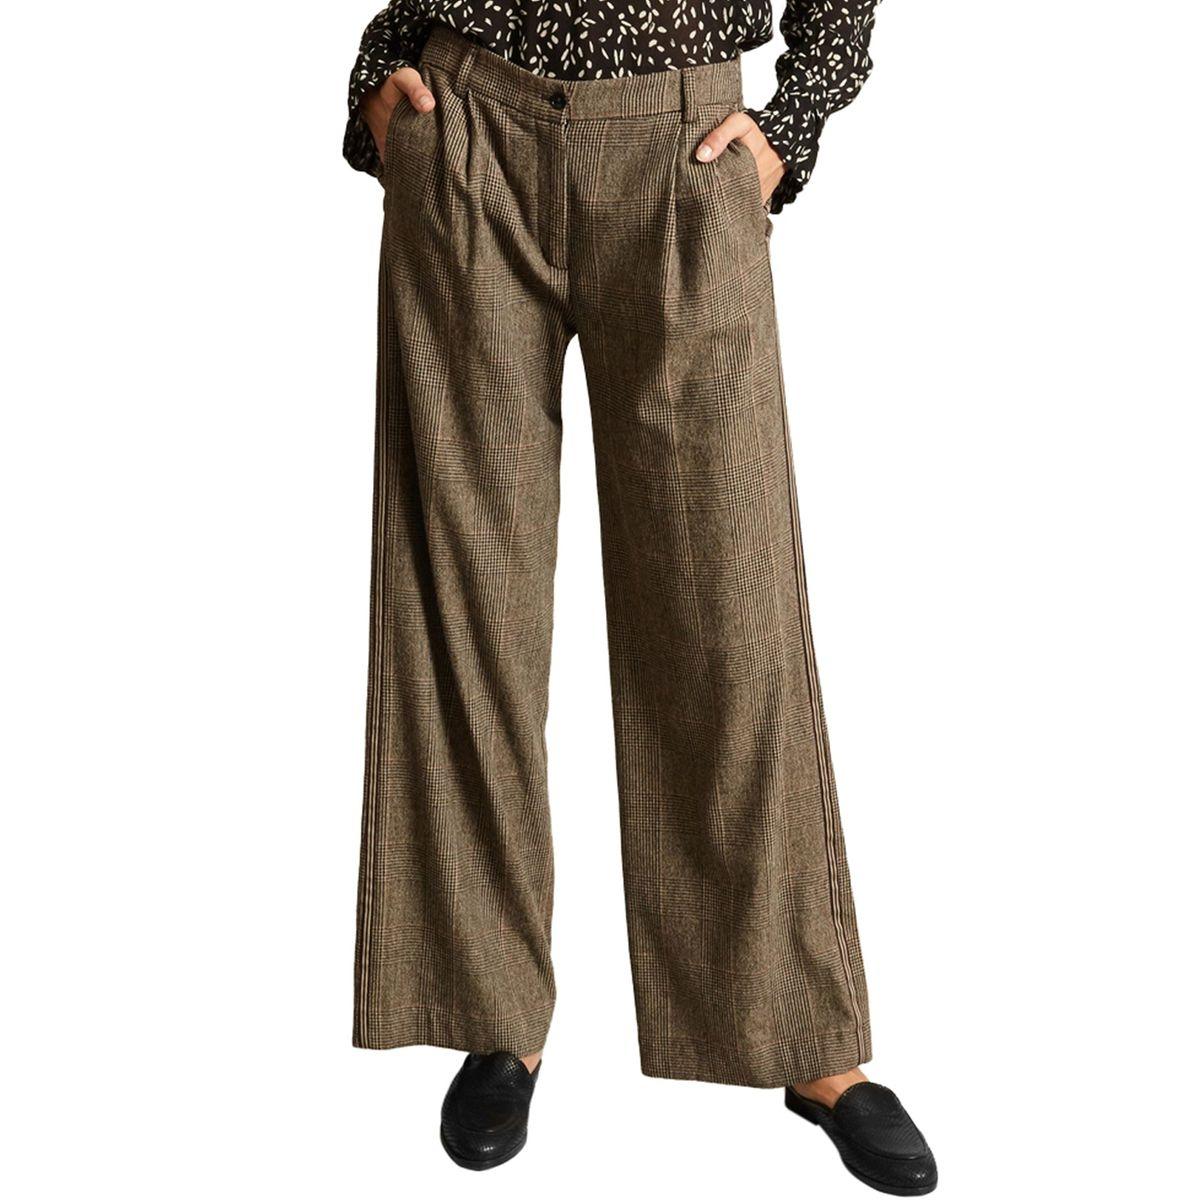 Pantalon Palito Large à Pinces Prince de Galles